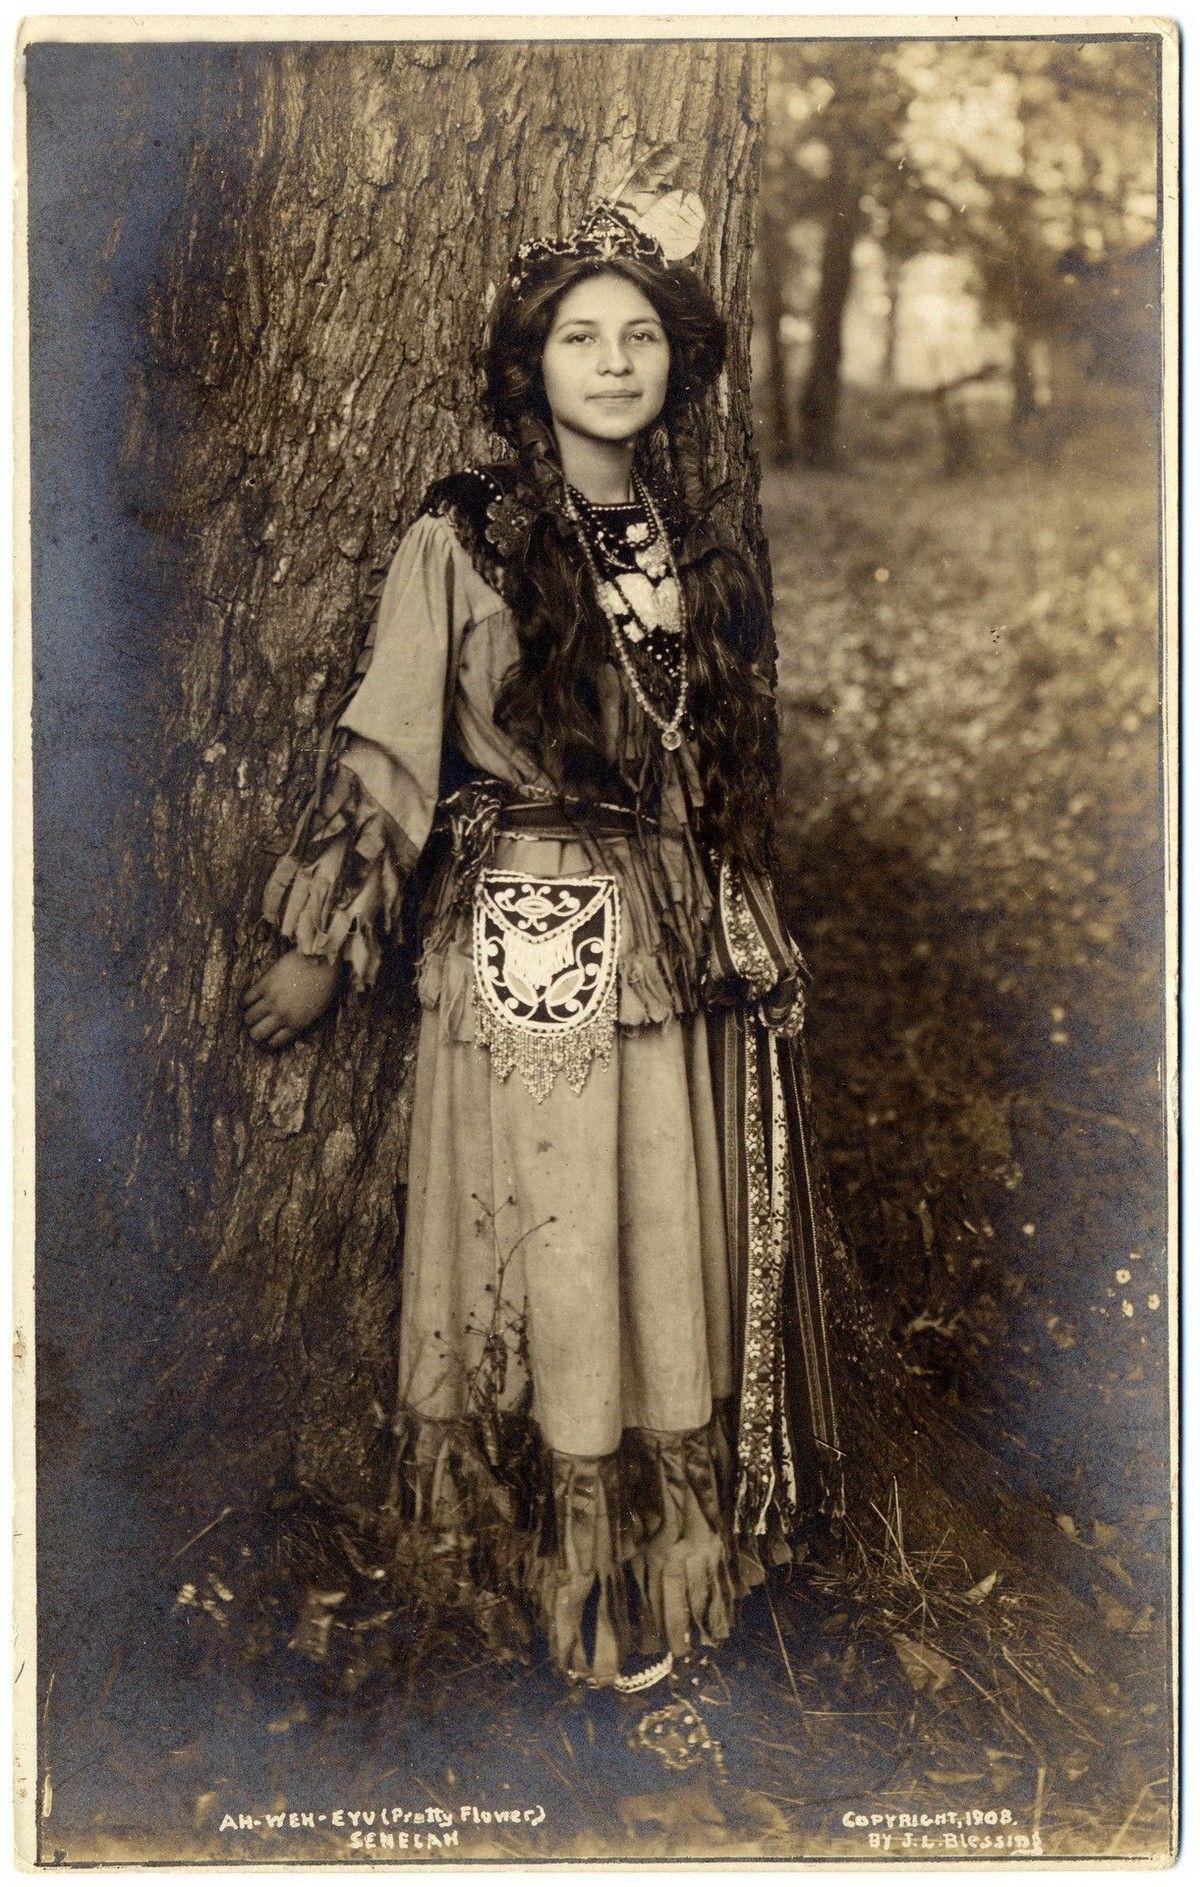 Фотомодель из племени сенека по имени Ах-Вех-Ию, что означает Красивый цветок, 1908